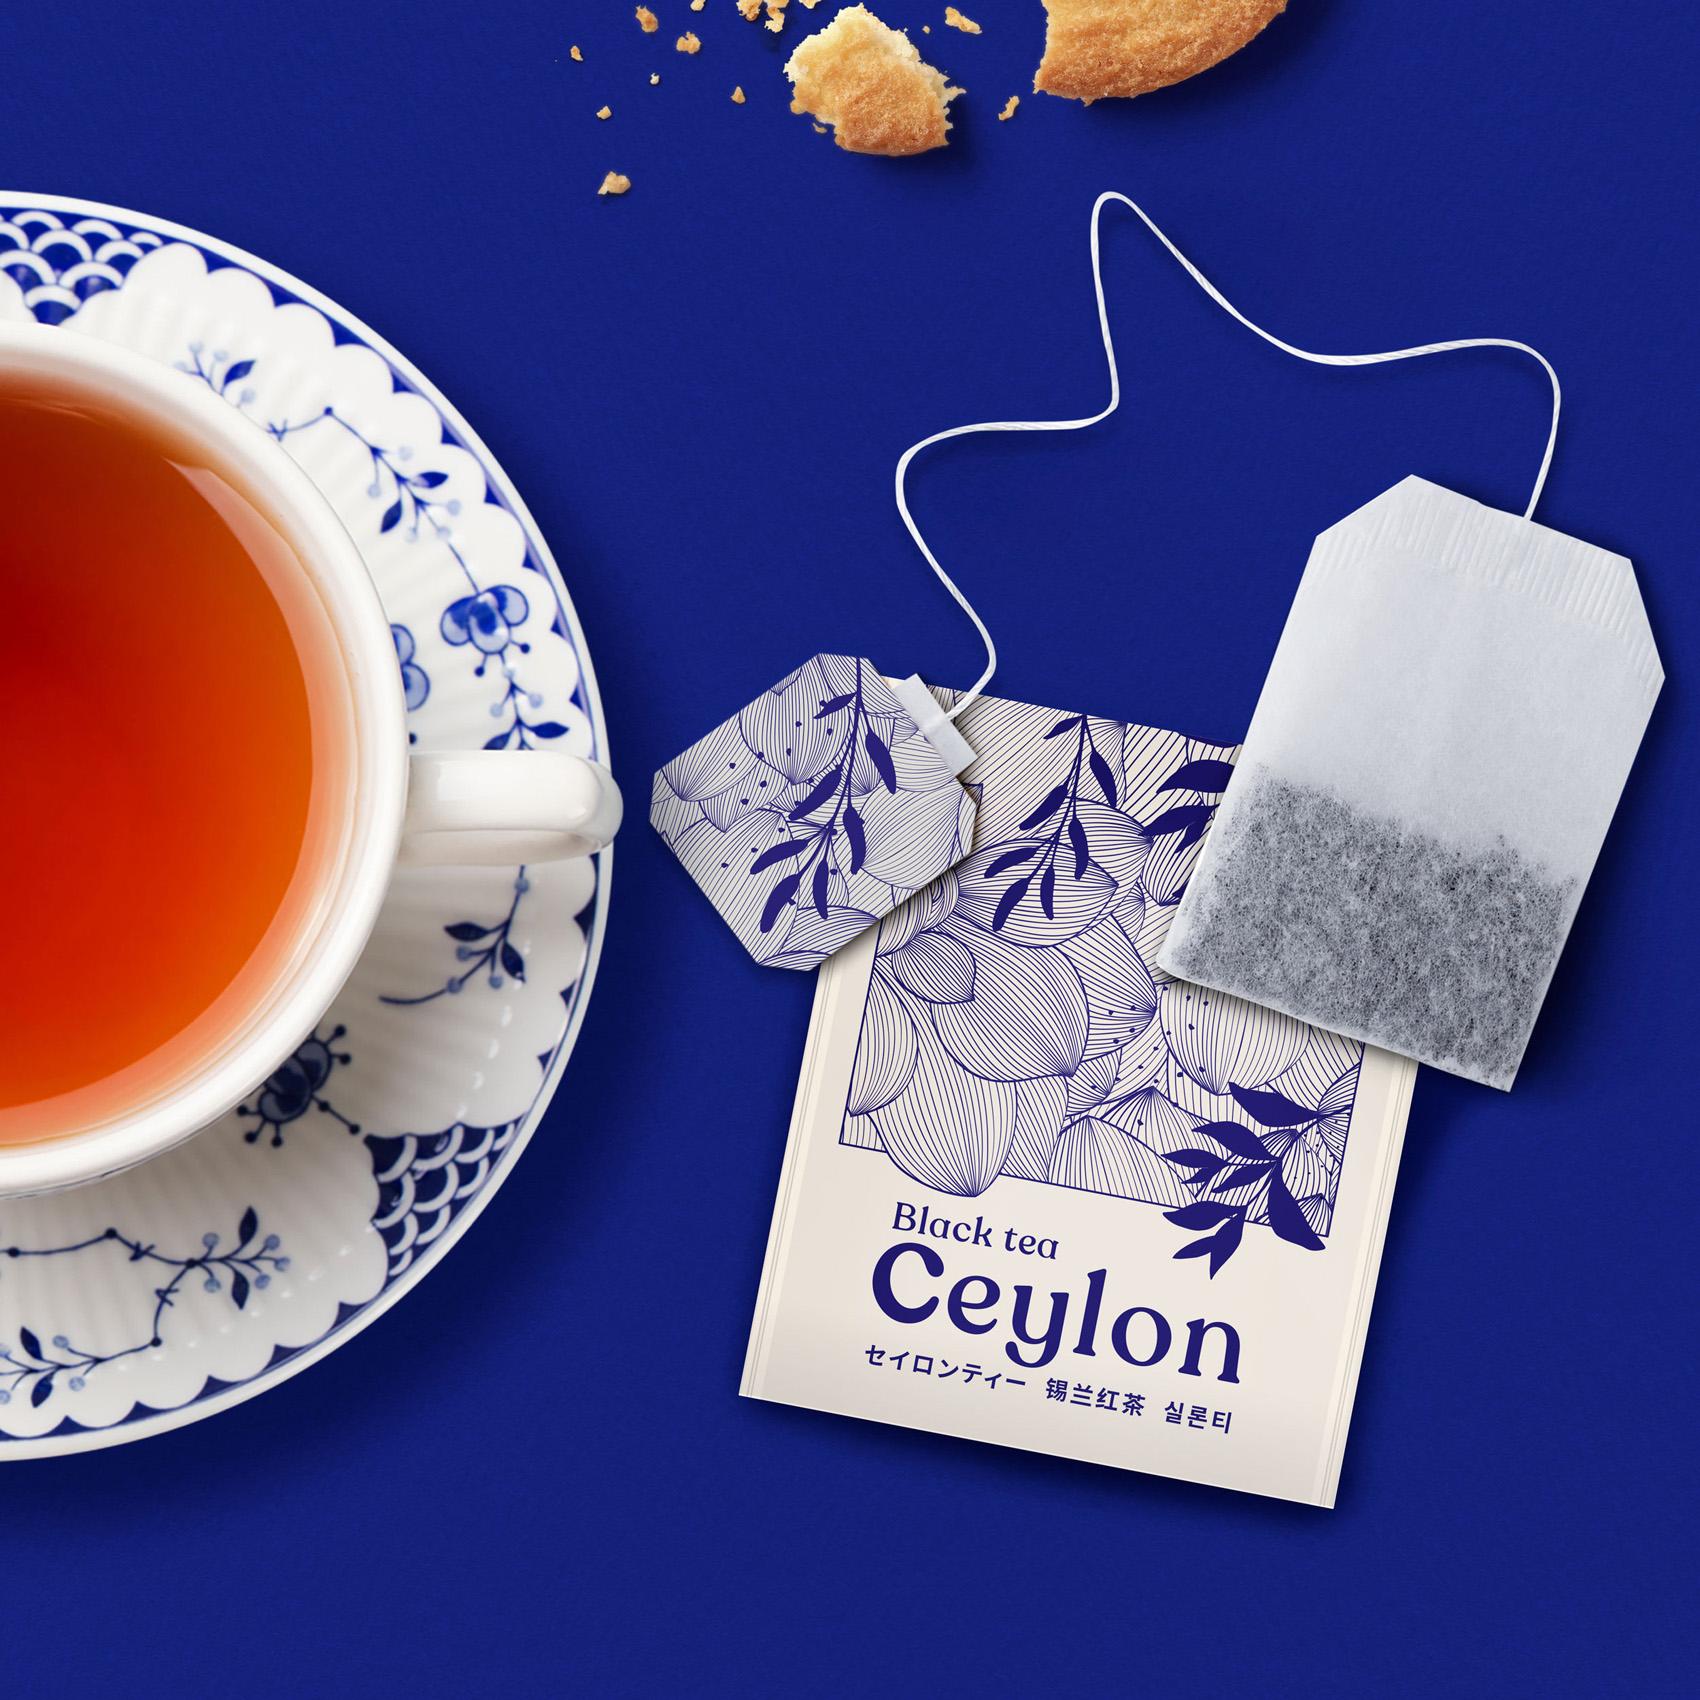 Tea for Millions, New Design for Major Japanese E-Tailer Askul